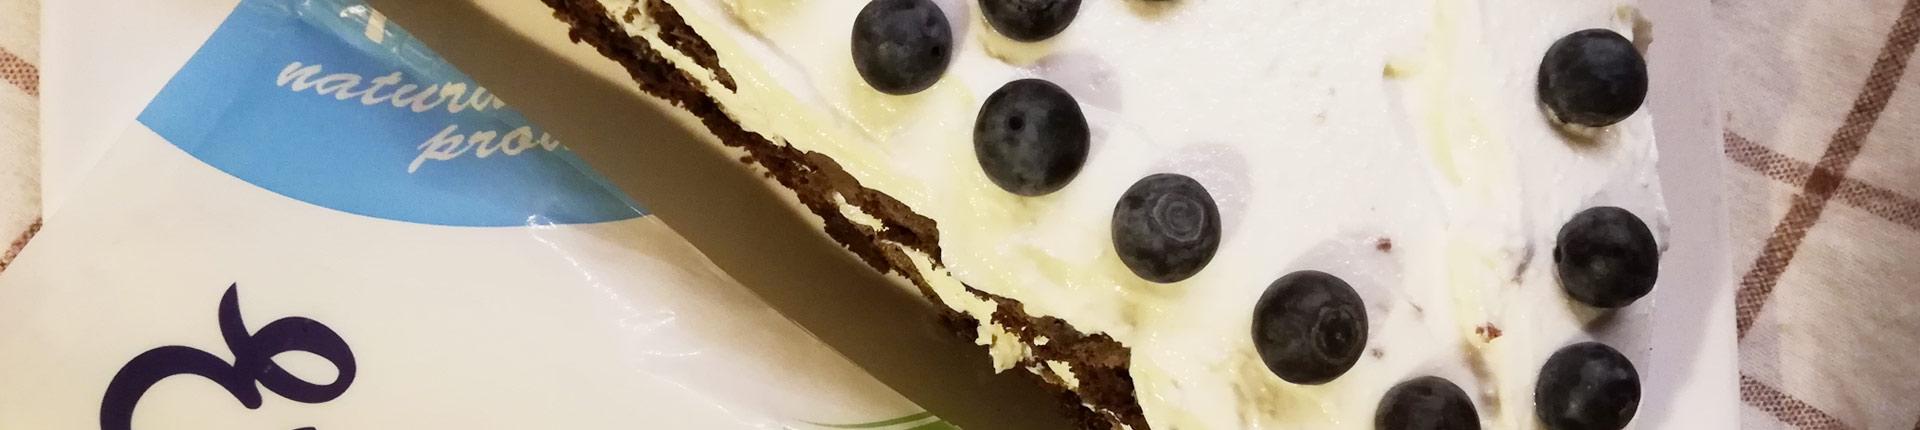 Mleczna kanapka w wersji FIT